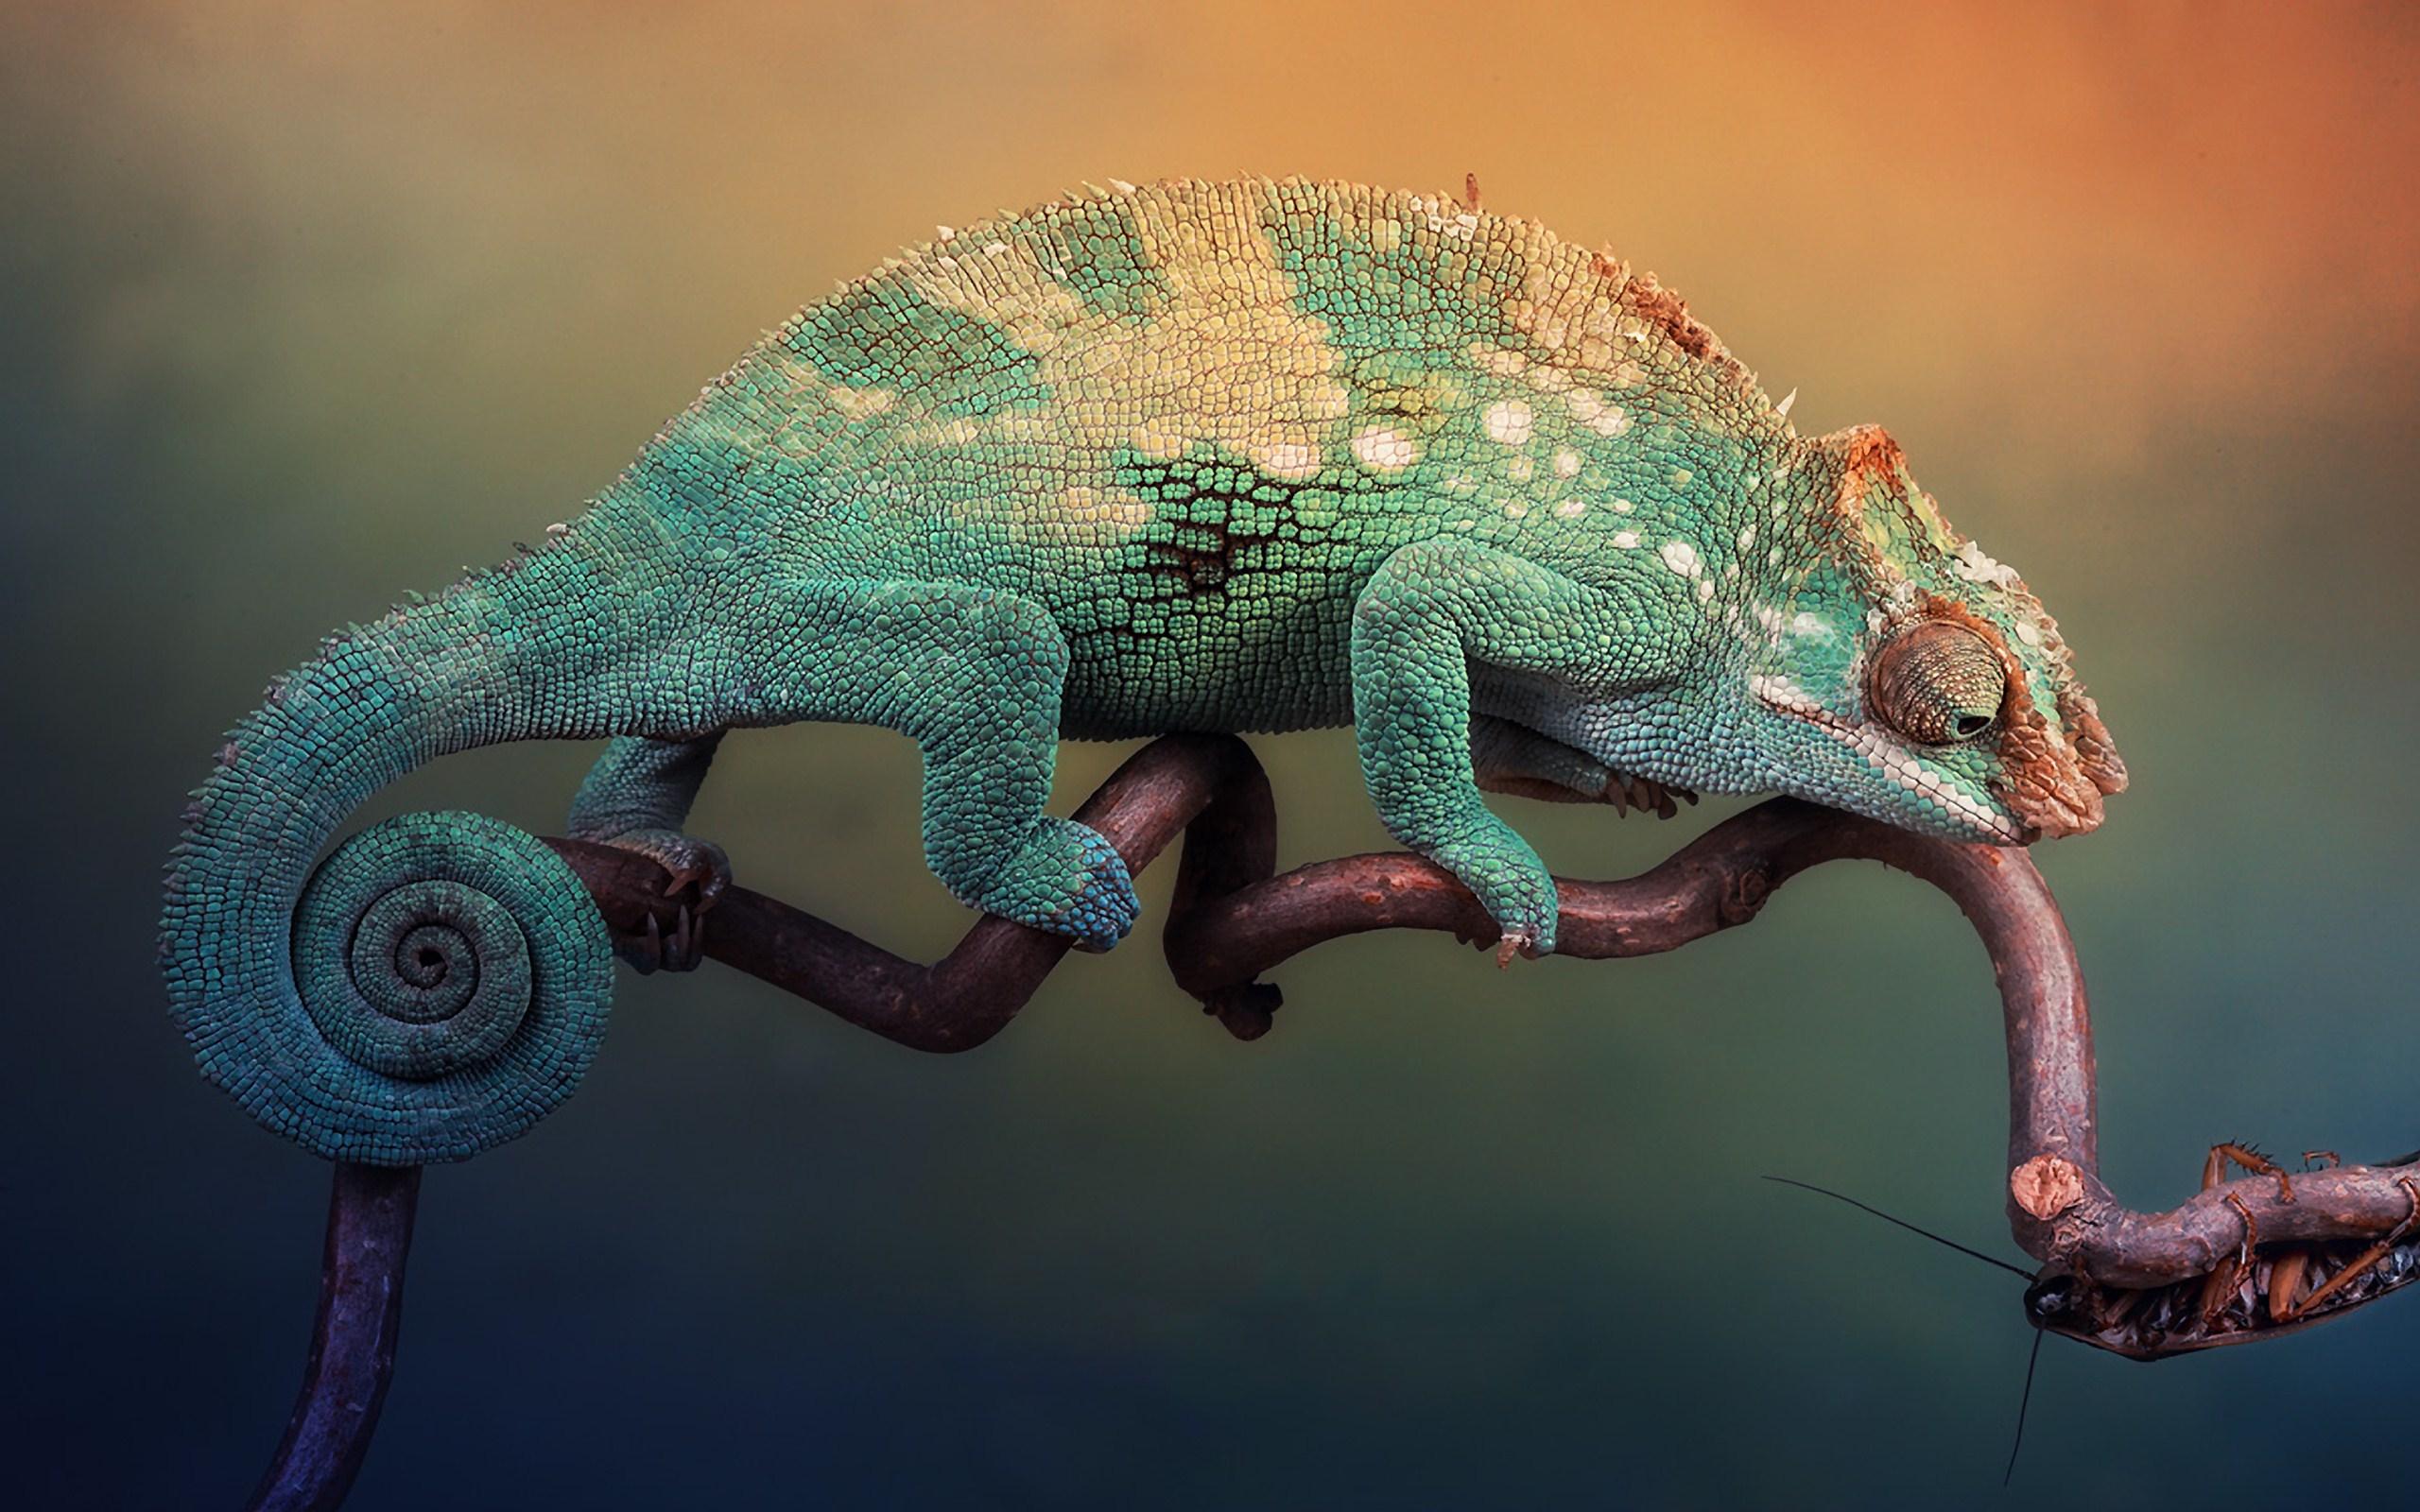 Макро фото, хамелеоны